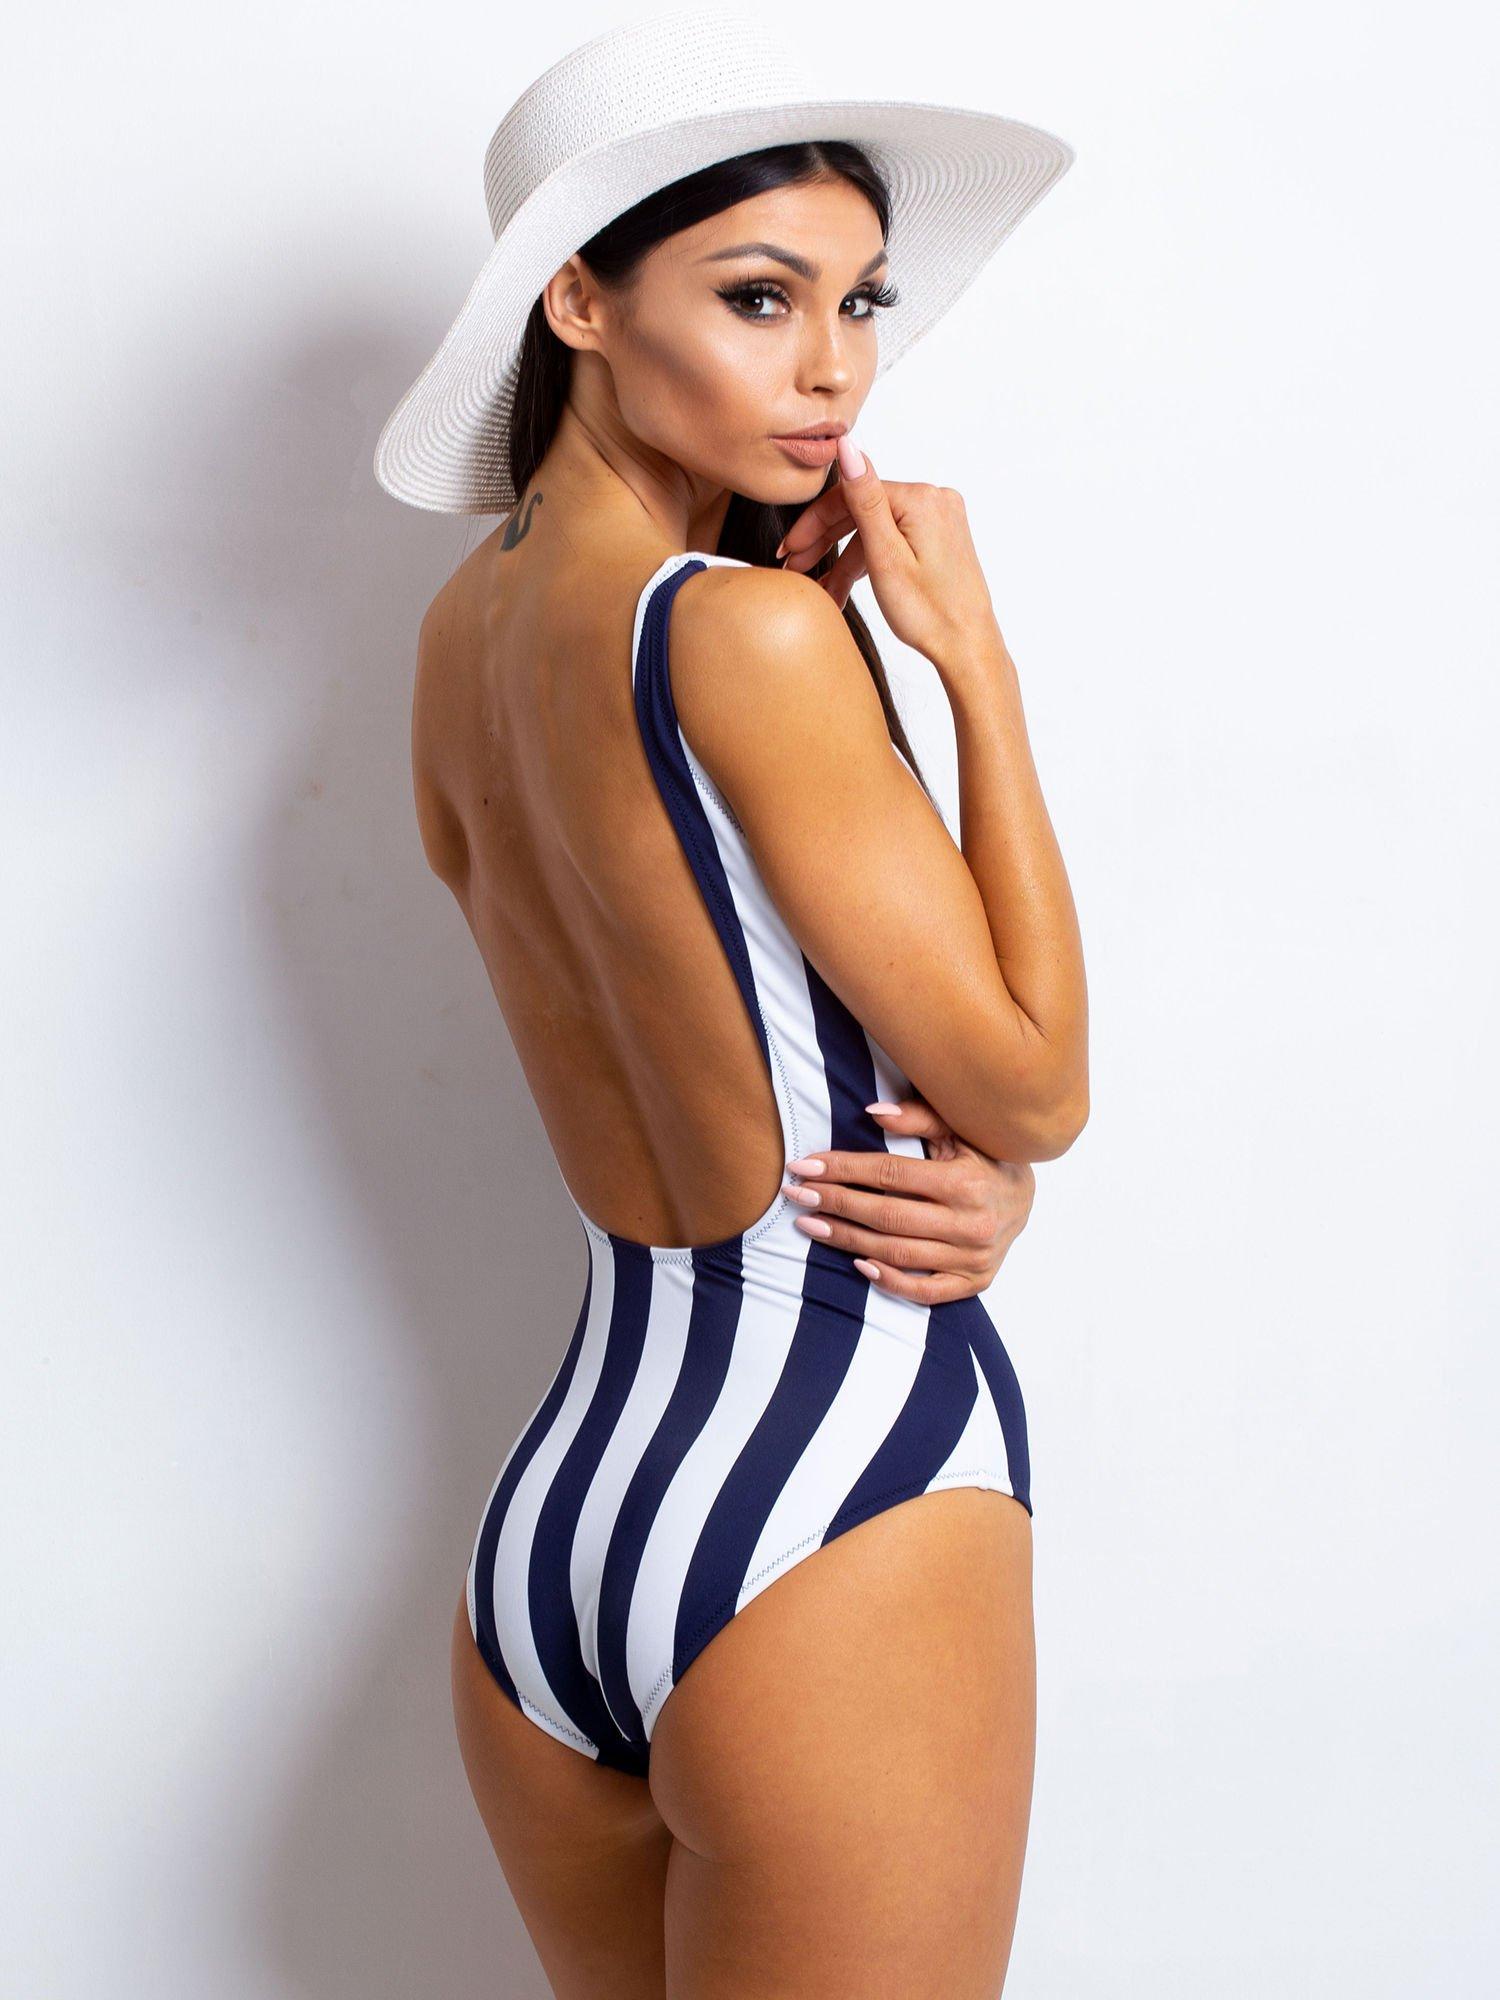 6199be863e73c0 Granatowo-biały kostium kąpielowy Camouflage - Bielizna strój kąpielowy -  sklep eButik.pl